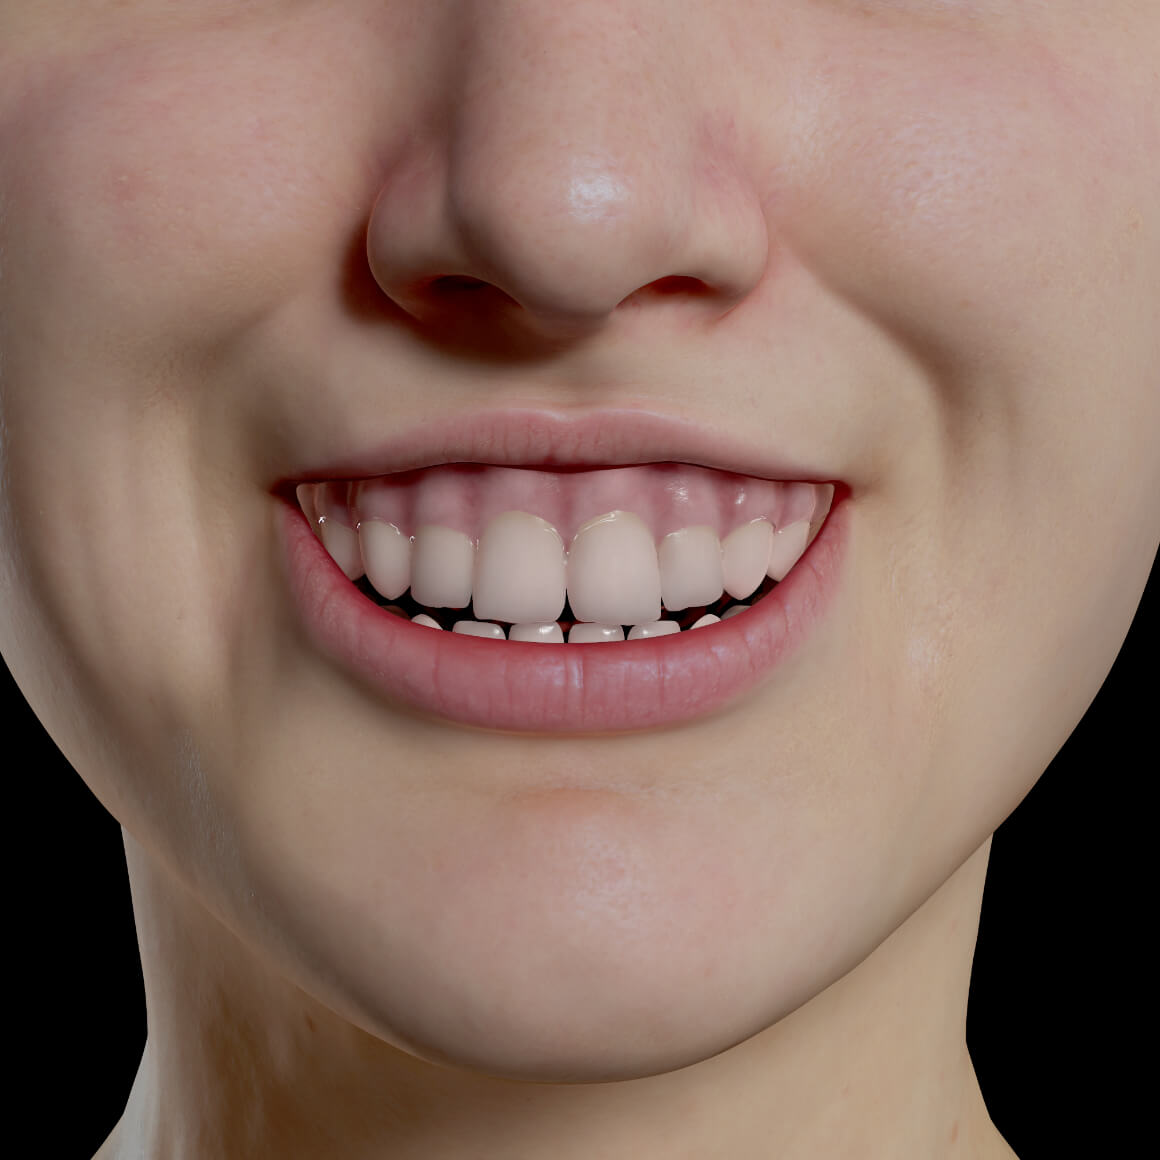 Sourire gingival d'une patiente de la Clinique Chloé positionnée de face